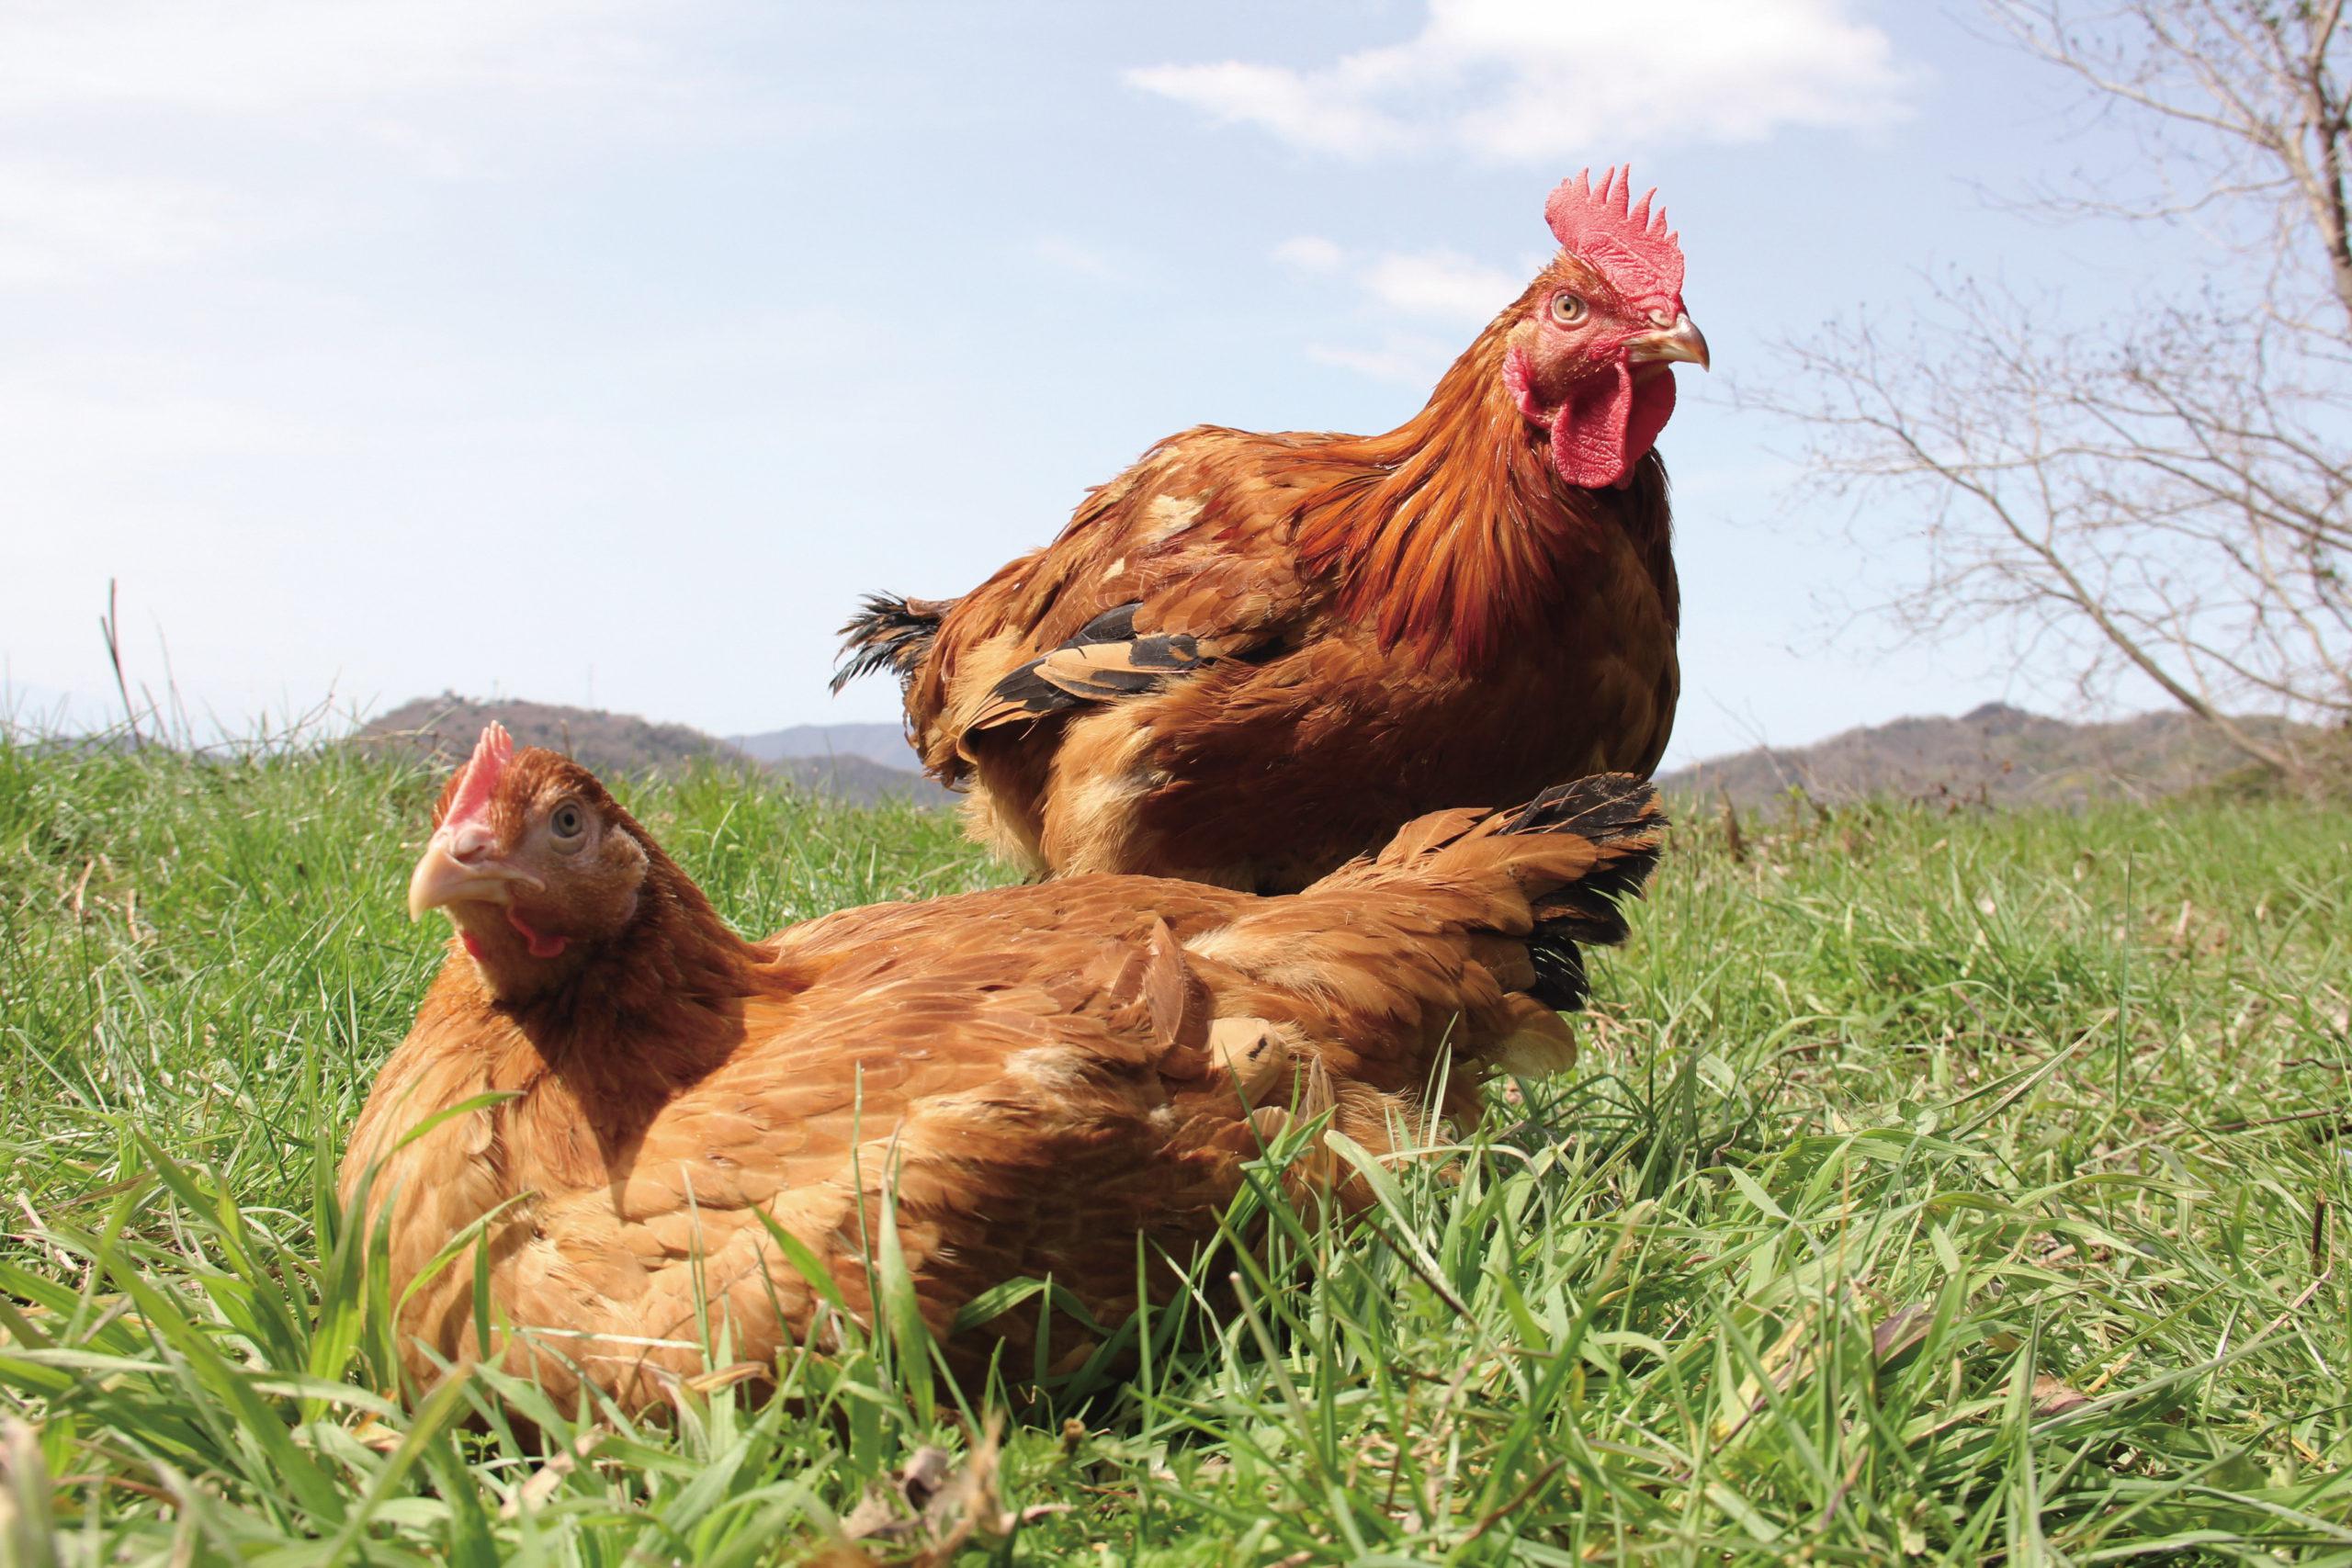 올리브 토종 닭의 사진